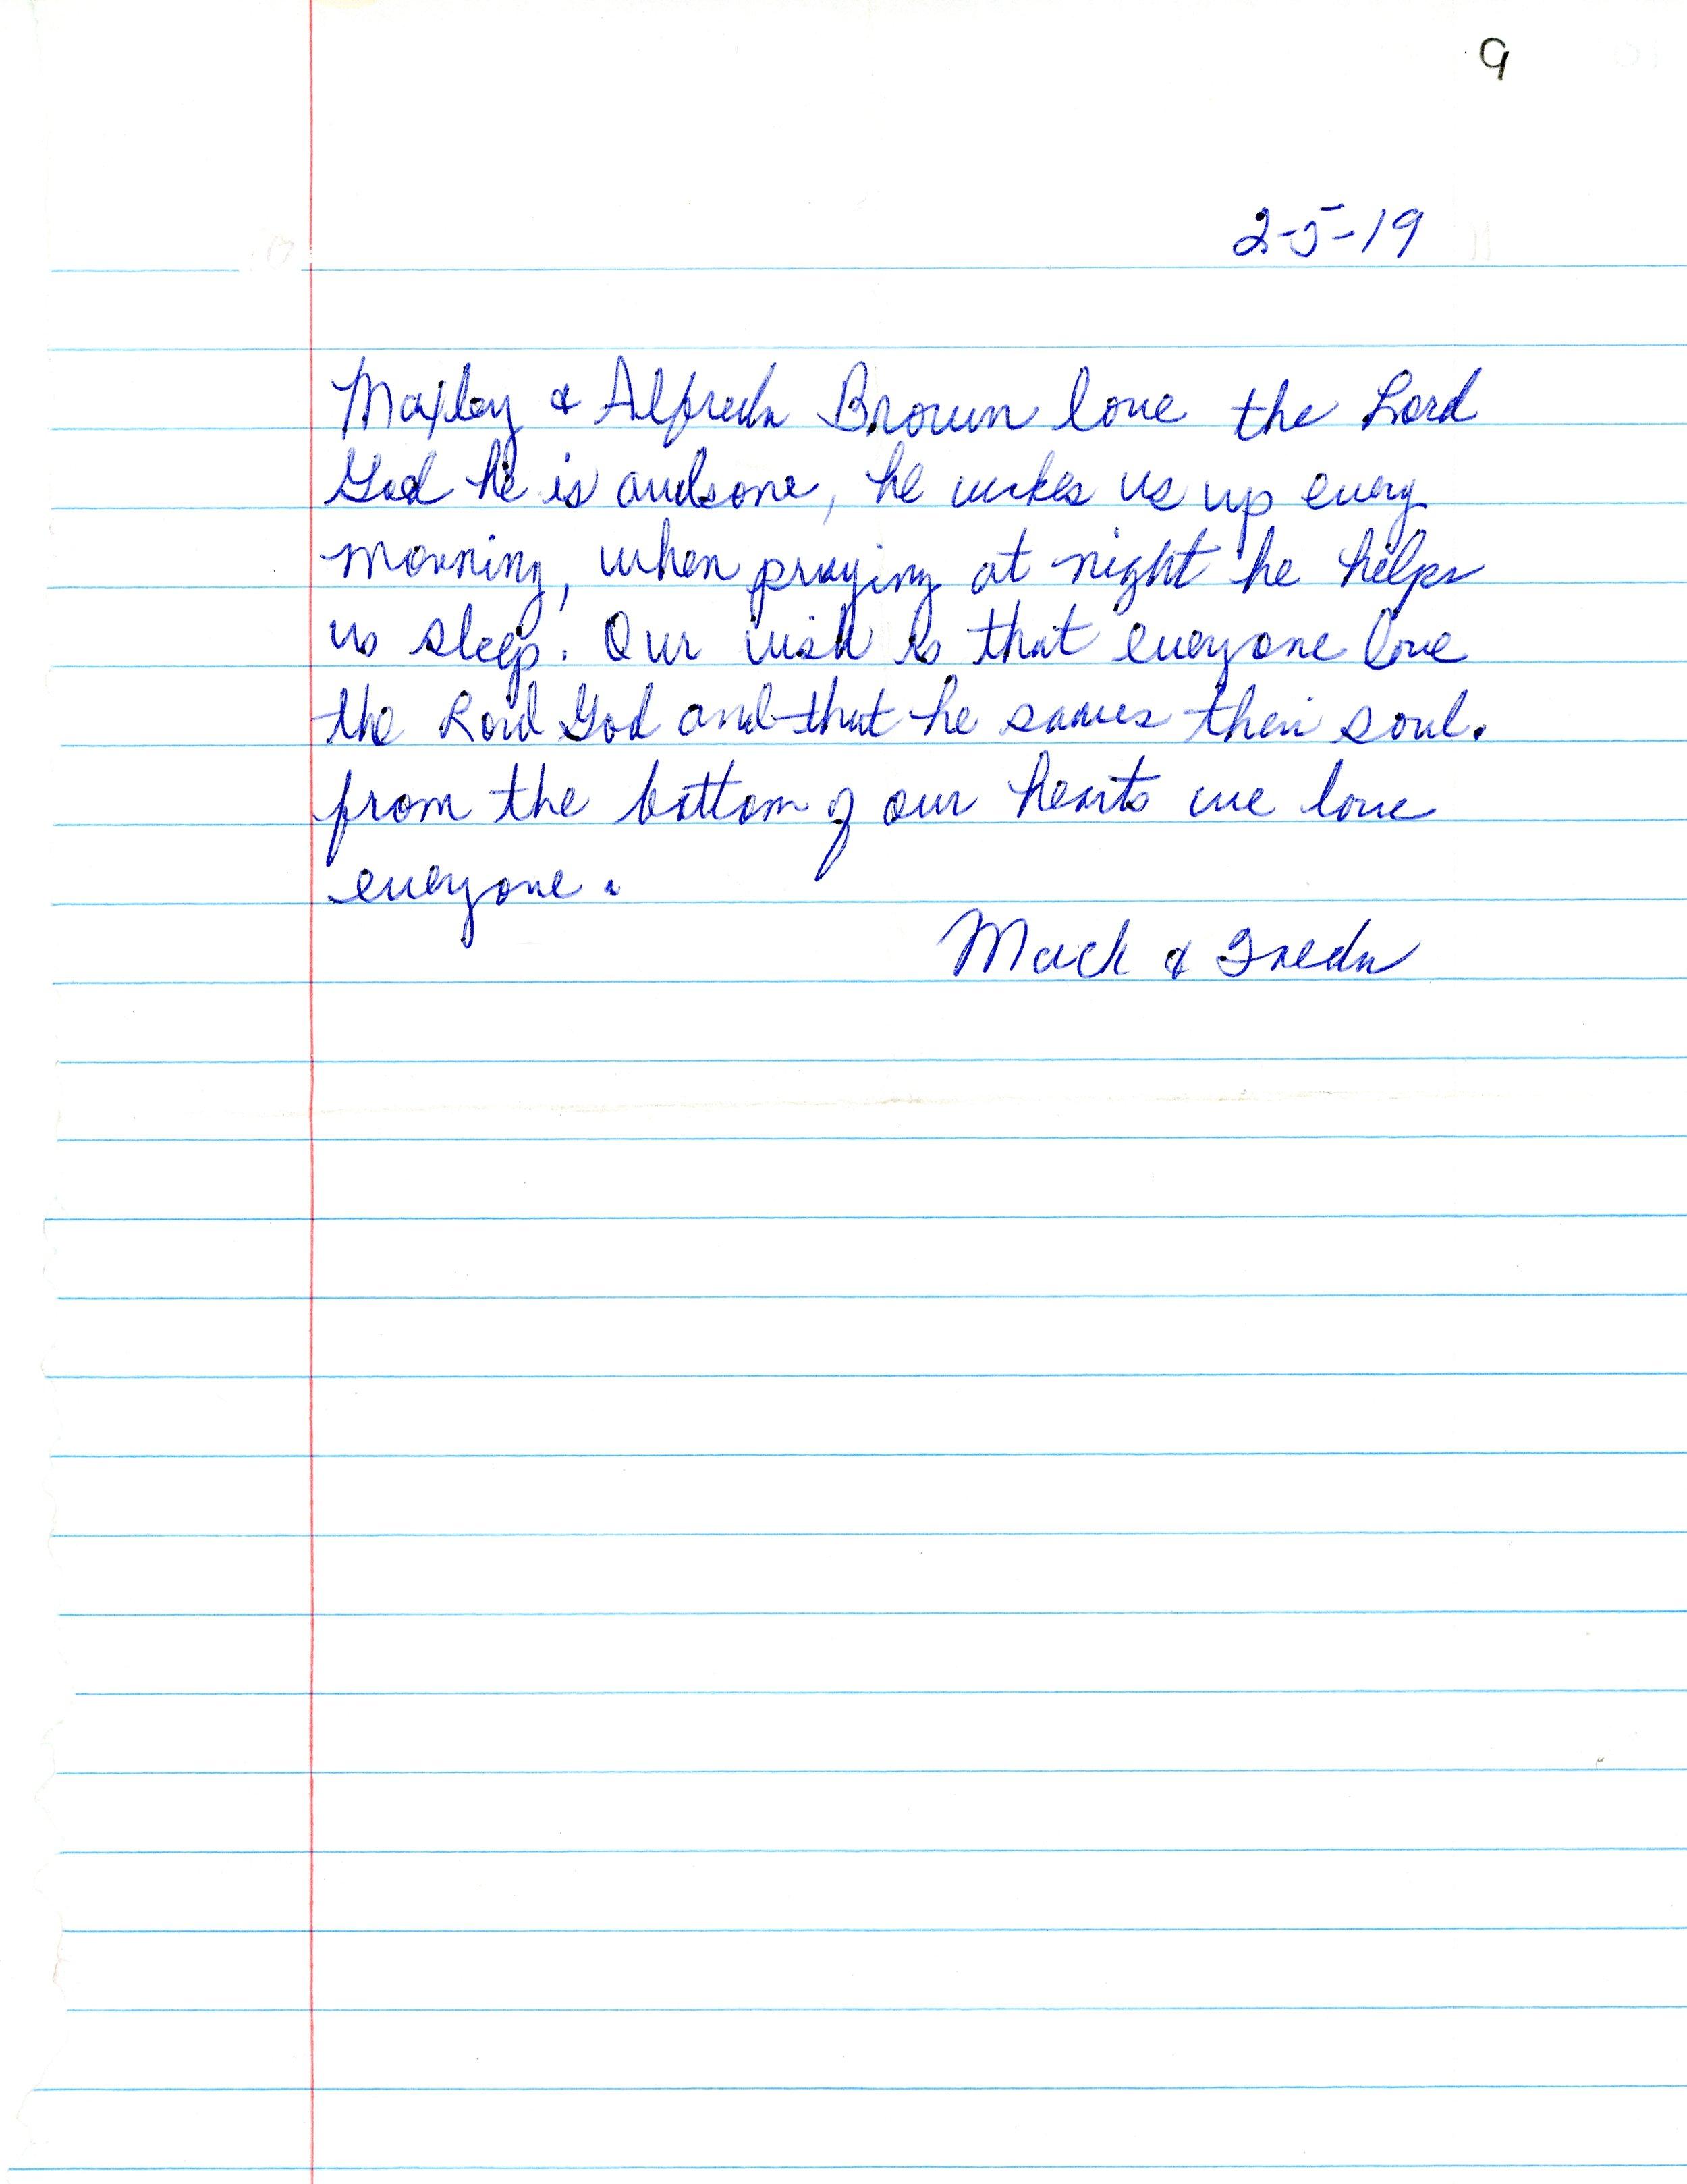 Mack & Freedas Letter.